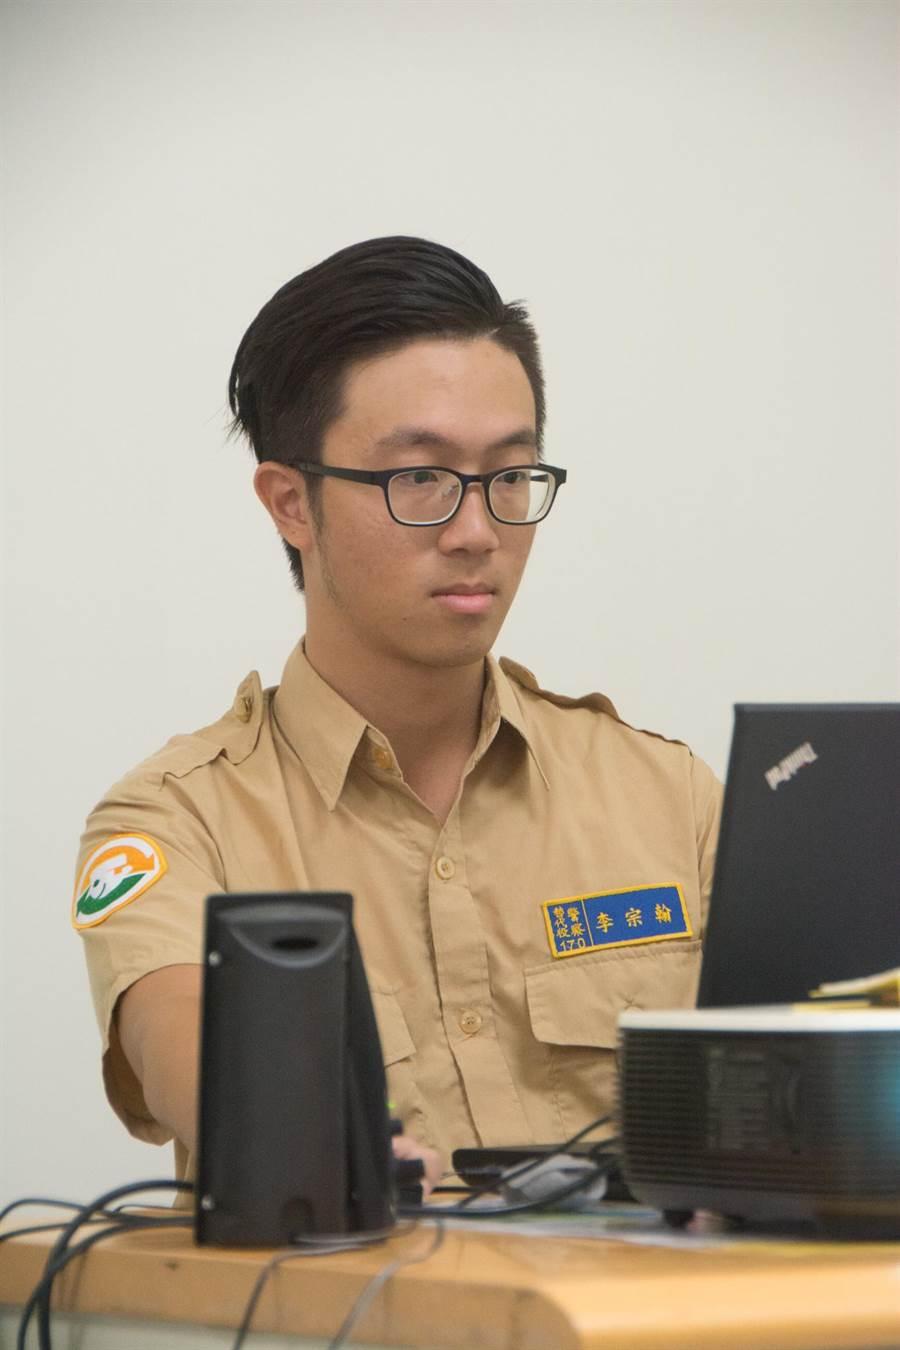 替代役男李宗翰開發網頁版遊戲「試試波麗士」,讓全民化身警察,在路口抓違規。(林宏聰攝)